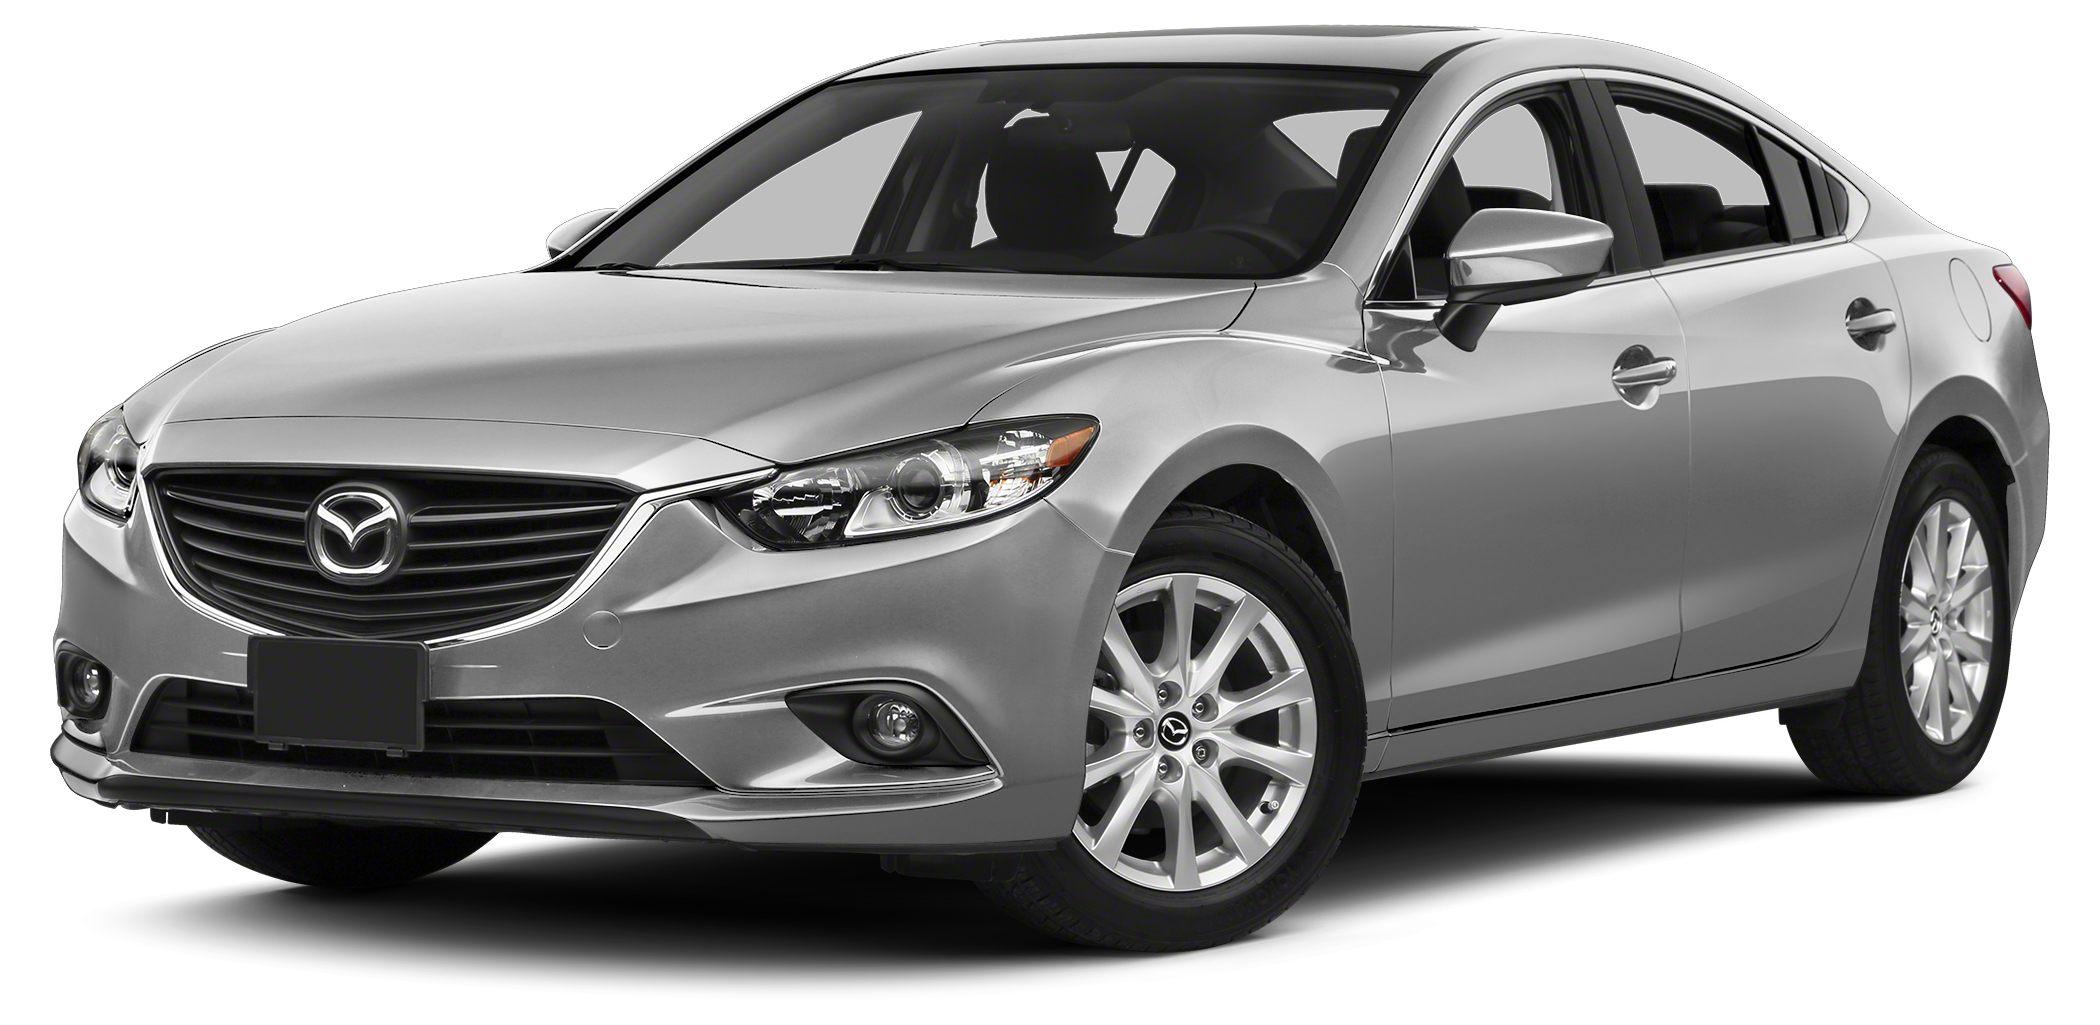 2014 Mazda MAZDA6 i Grand Touring Miles 26023Color Liquid Silver Metallic Stock PM1727 VIN J